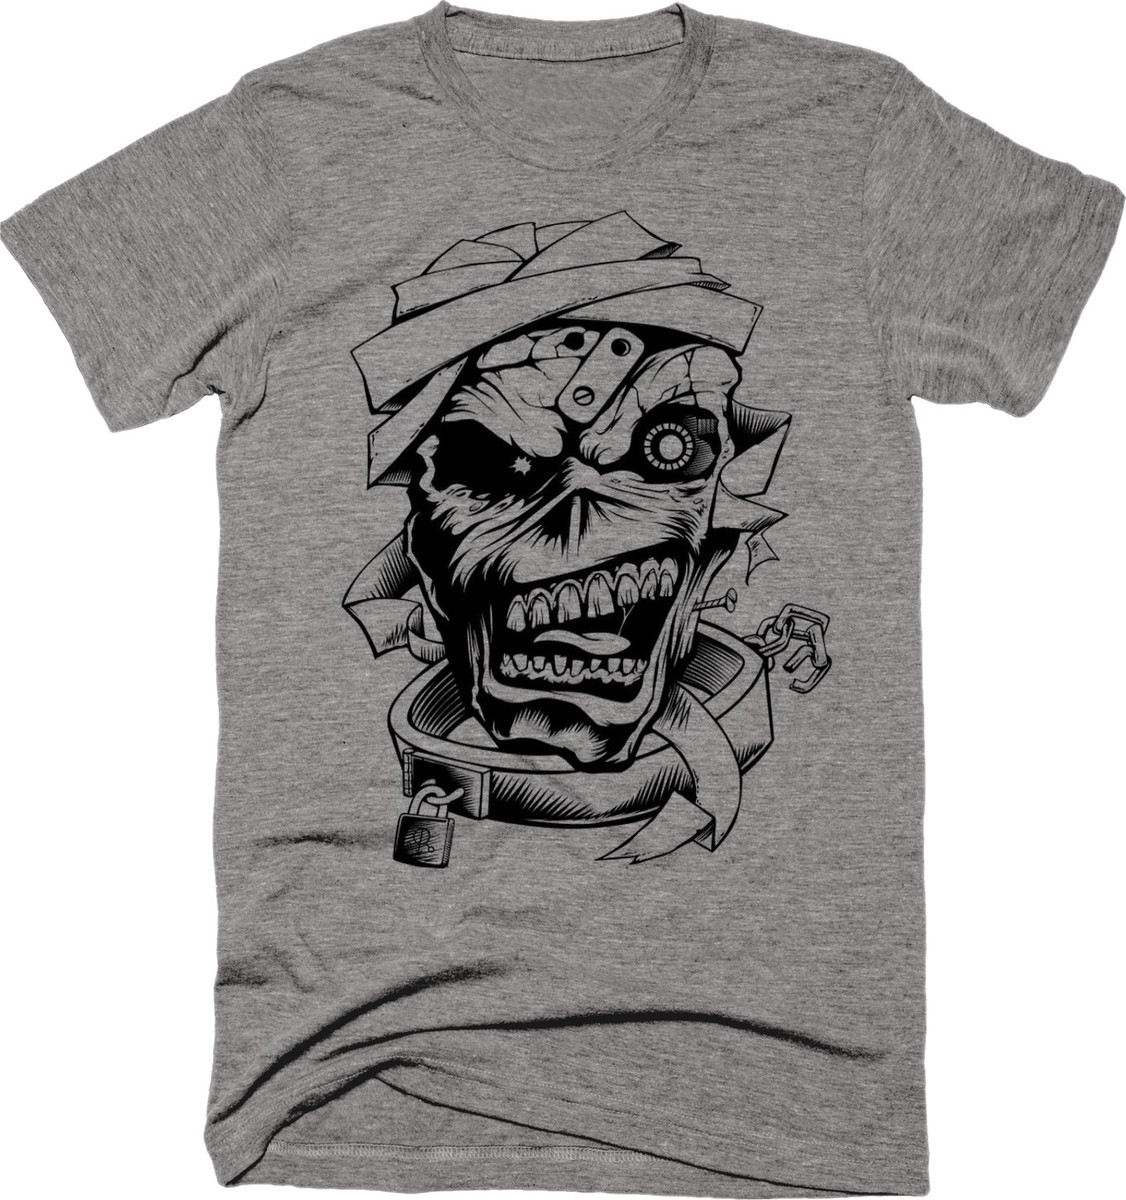 9ebf0d1dbd Camiseta Banda Iron Maiden Cinza 01 no Elo7